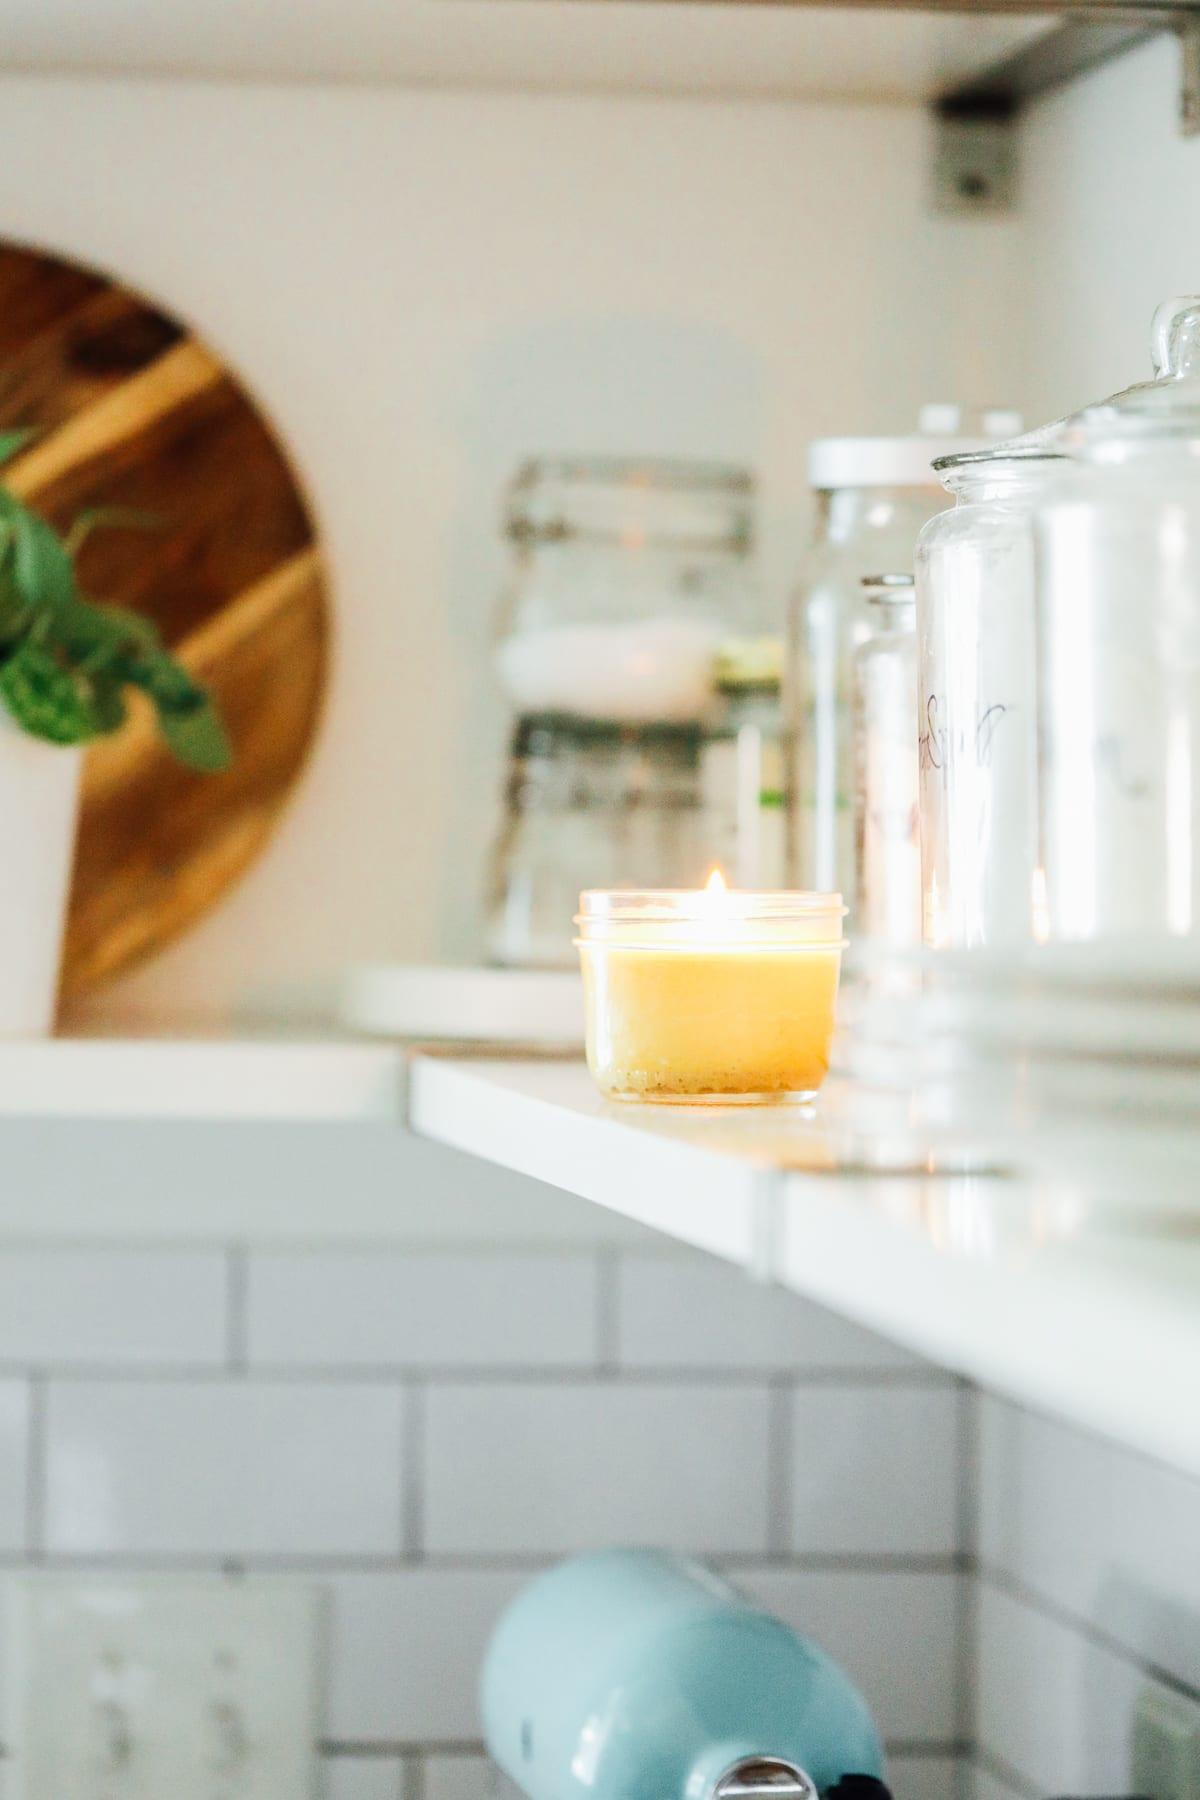 homemade candle on a shelf